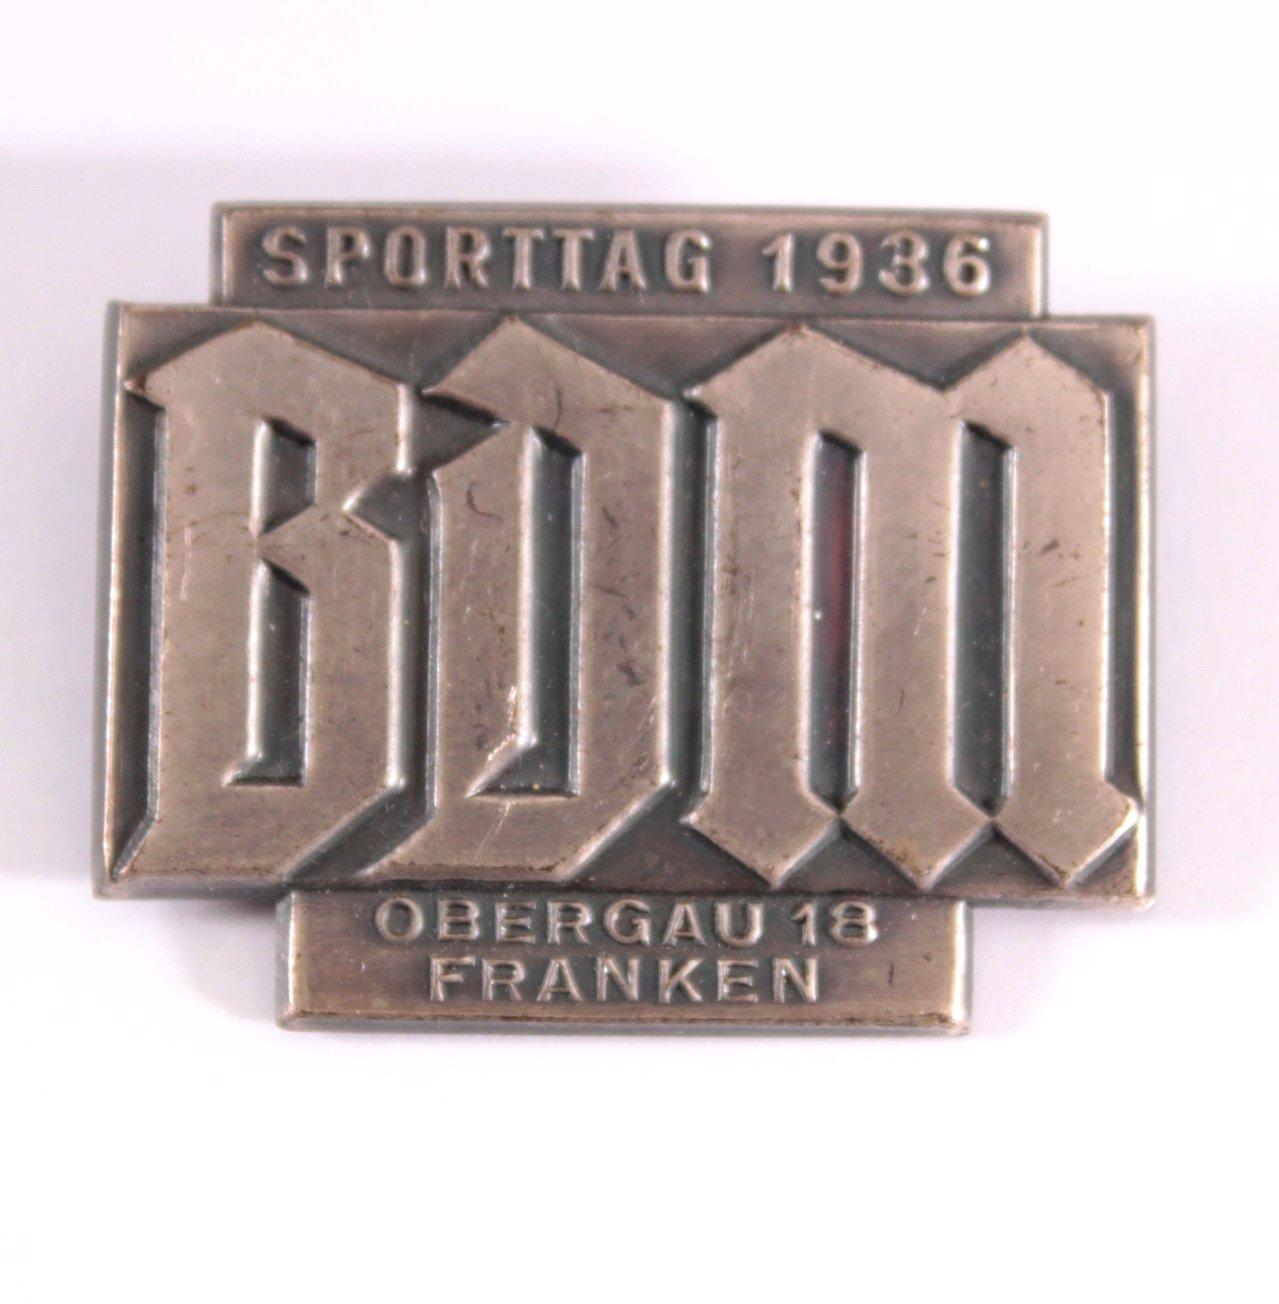 Abzeichen BDM Sporttag 1936, Obergau 18 Franken